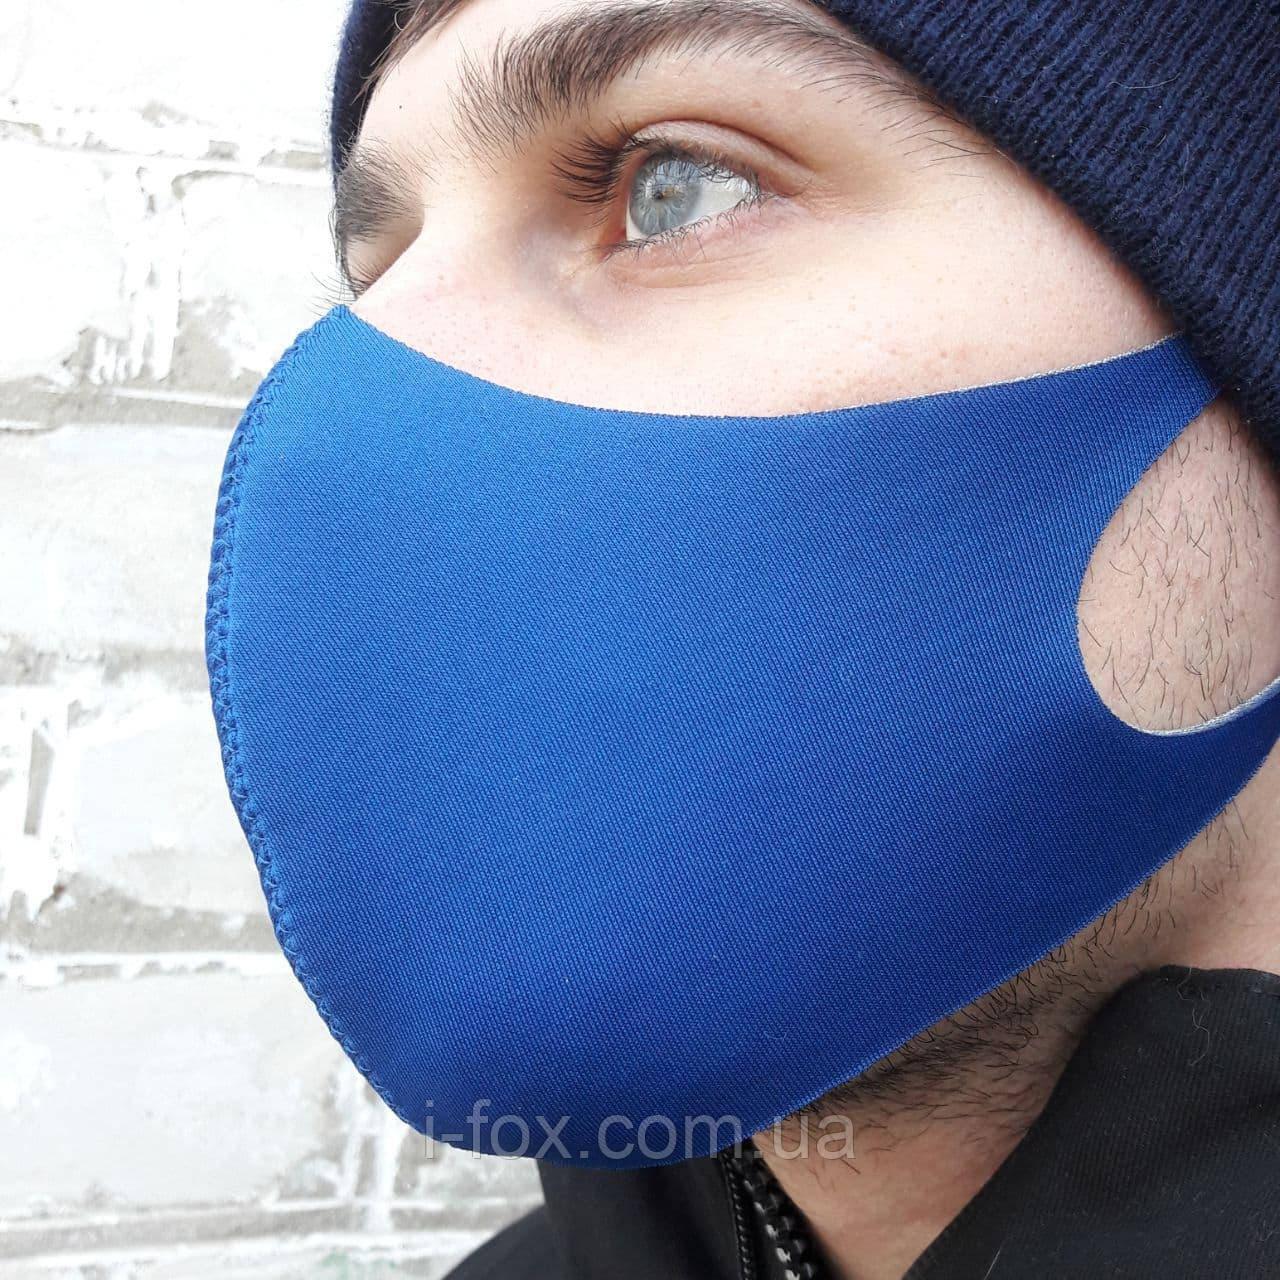 Захисна багаторазова маска Pitta mask/Пітта для захисту органів дихання. Синього кольору. Неопрен, 3-х шарова